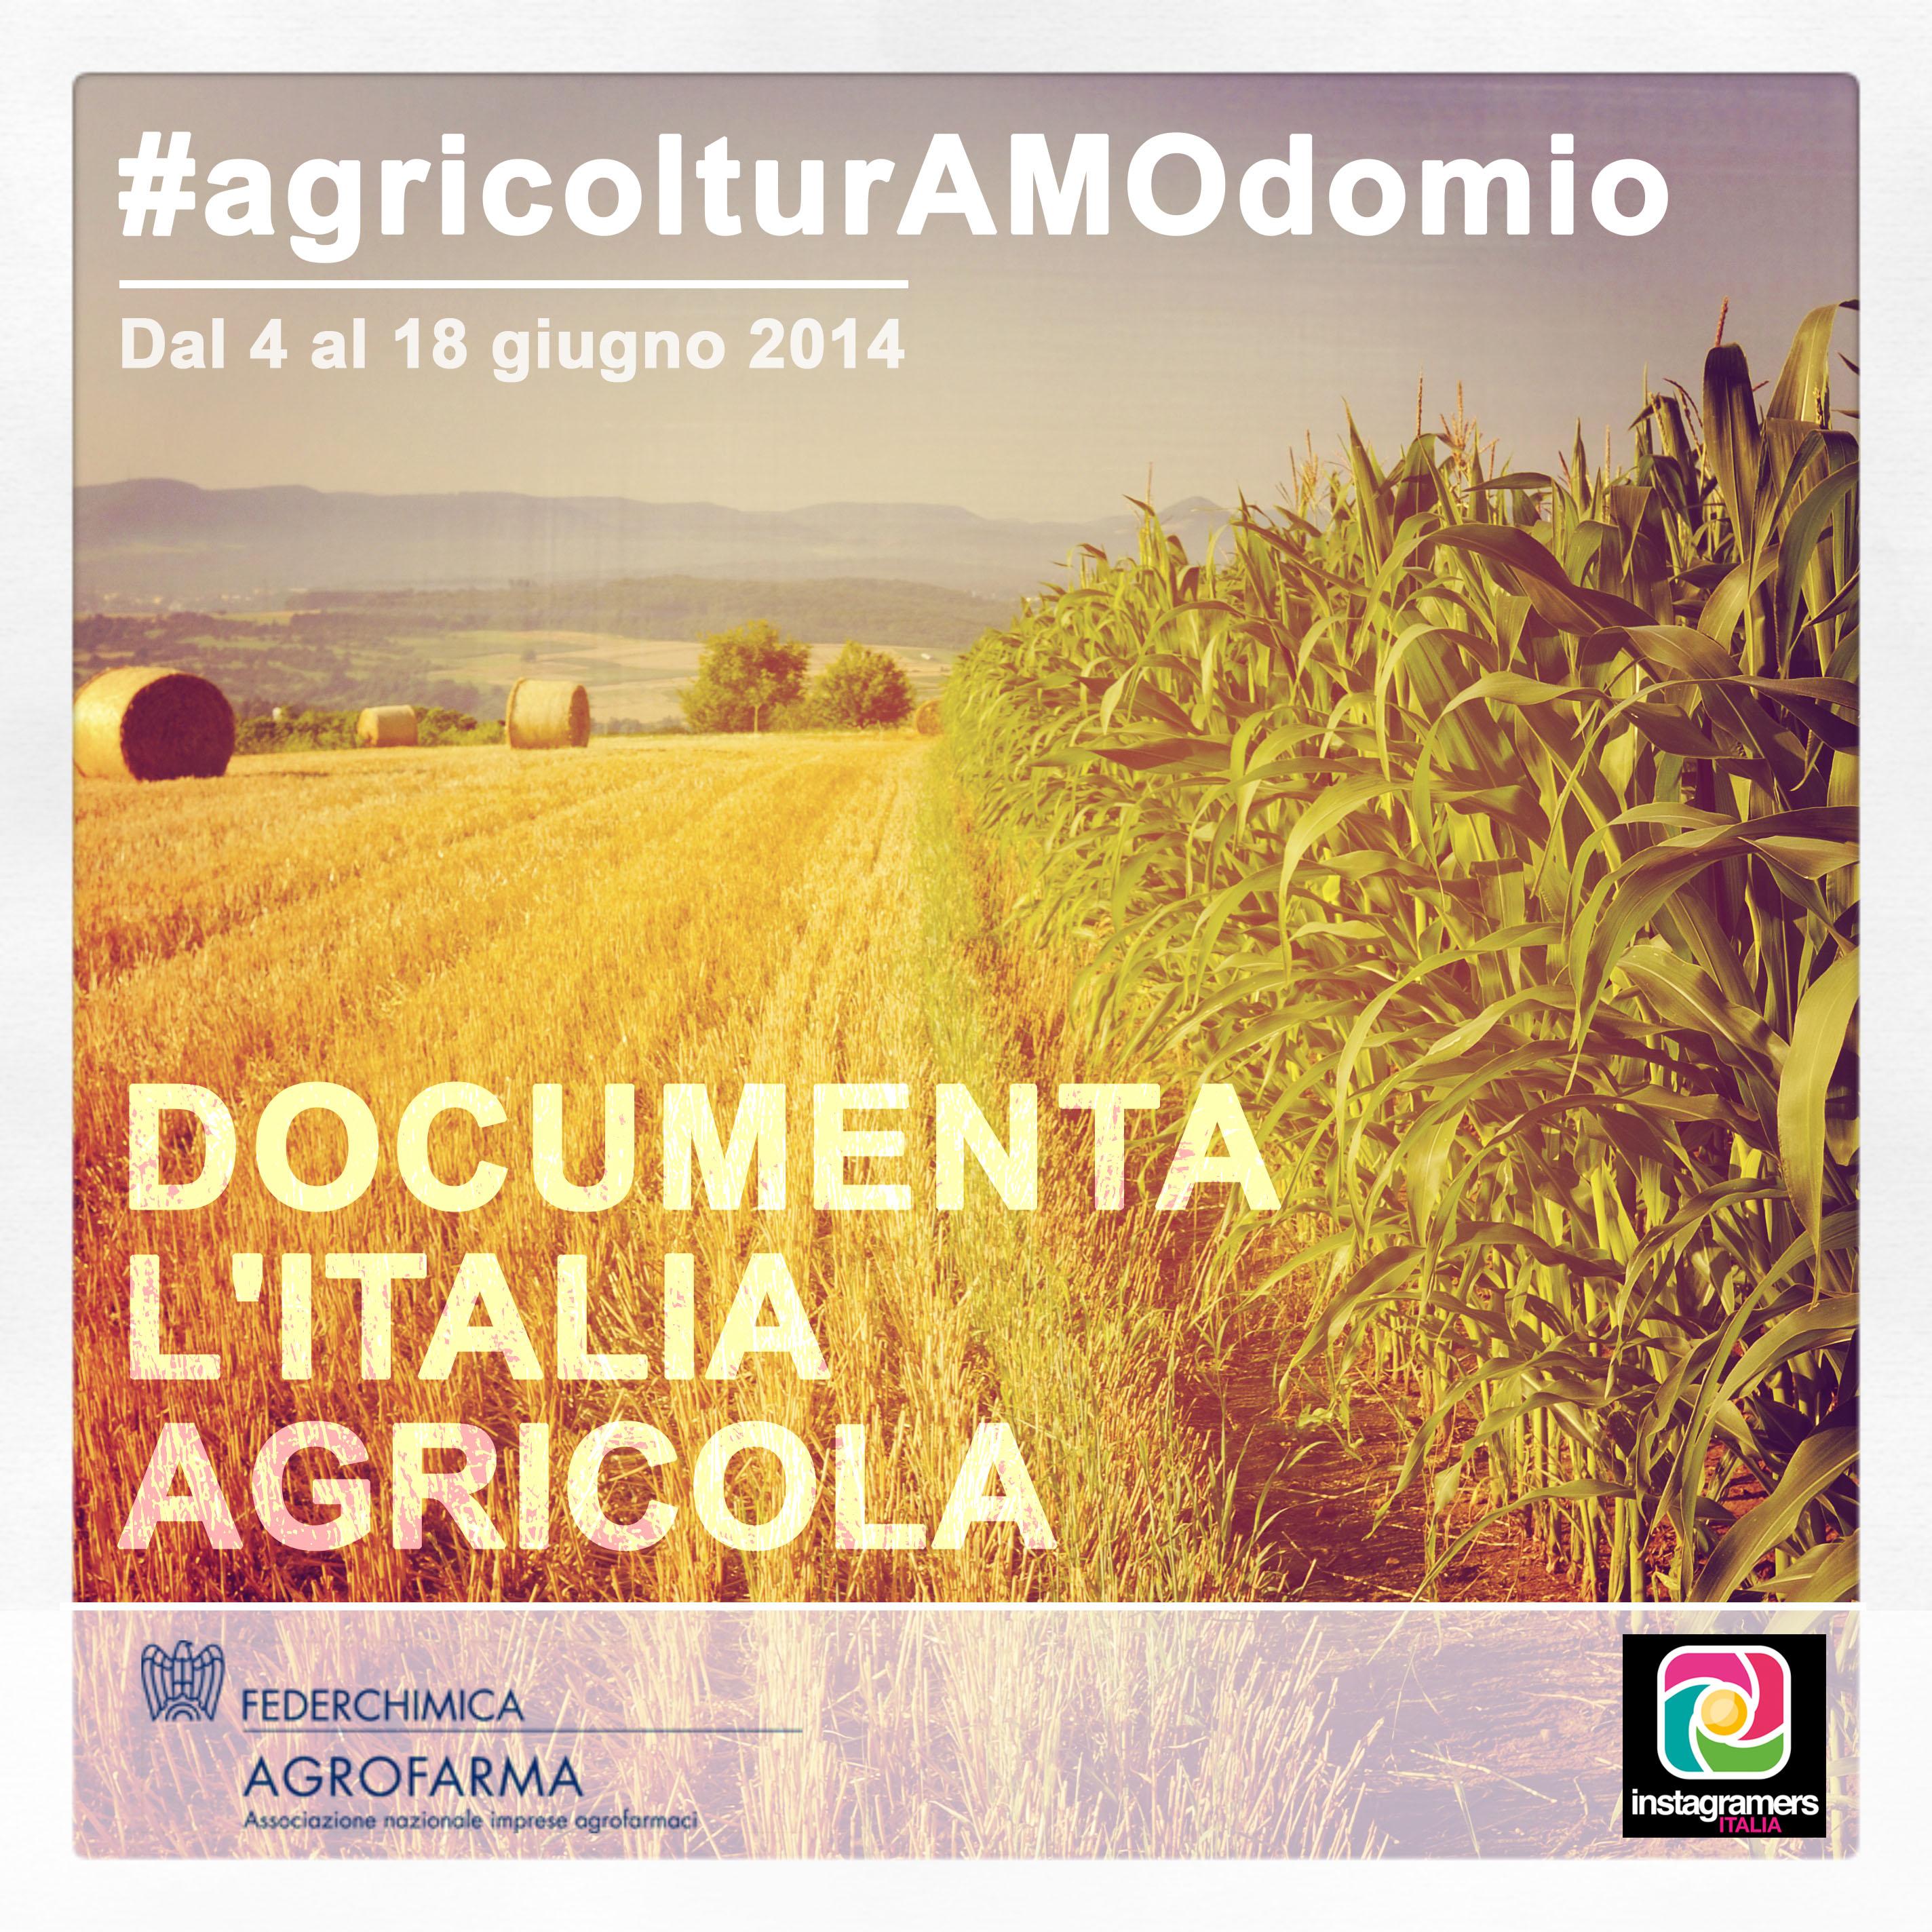 #AgricolturAMOdomio: il challenge sull'agricoltura sostenibile